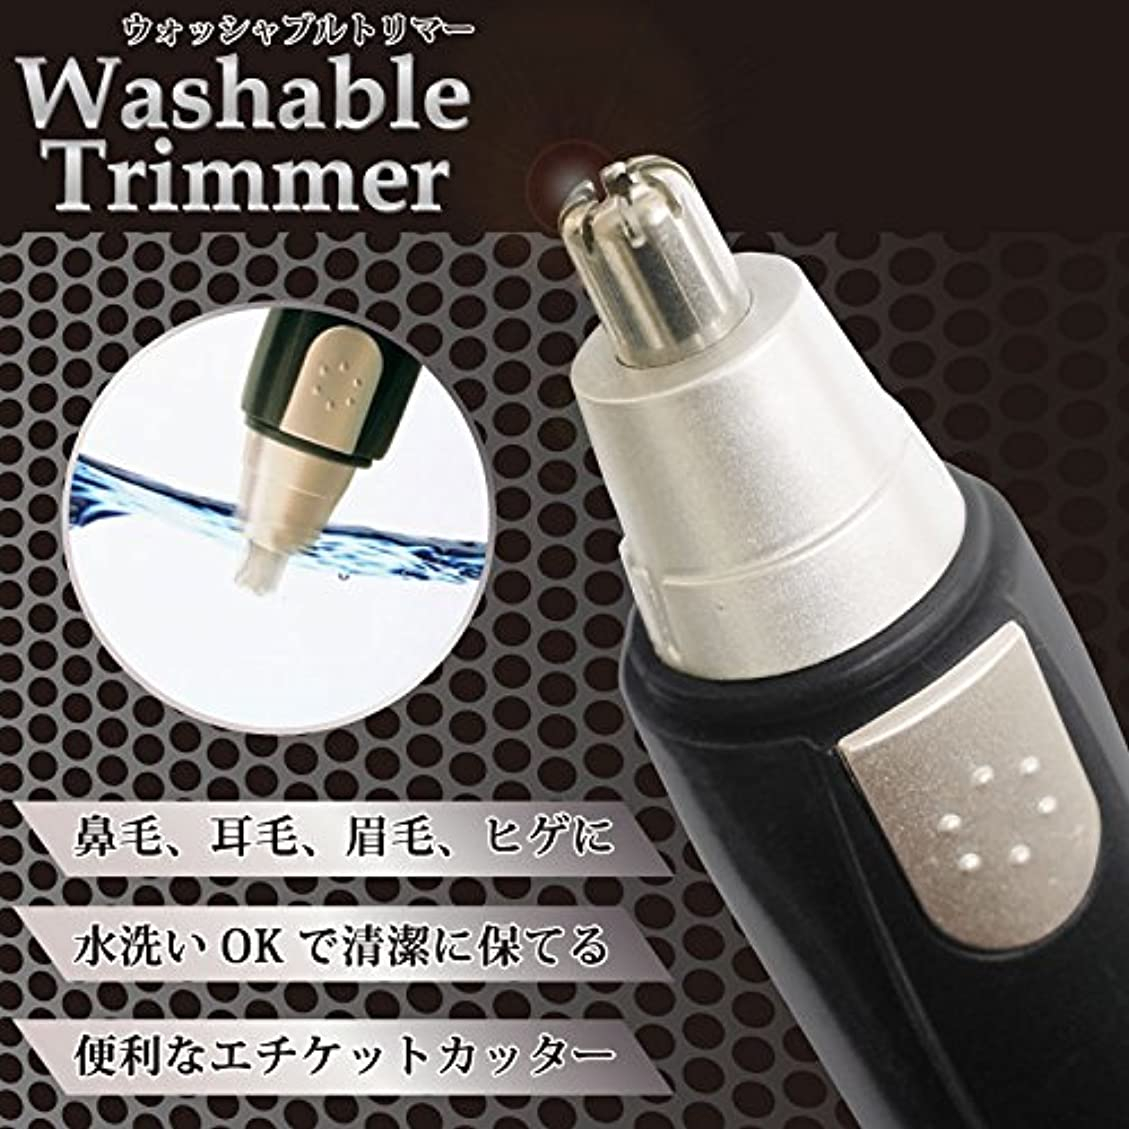 ラフレシアアルノルディオアシスフィラデルフィアウォッシャブルトリマー HRN-250水洗いOK 乾電池式 専用ブラシ付 小型エチケットカッター